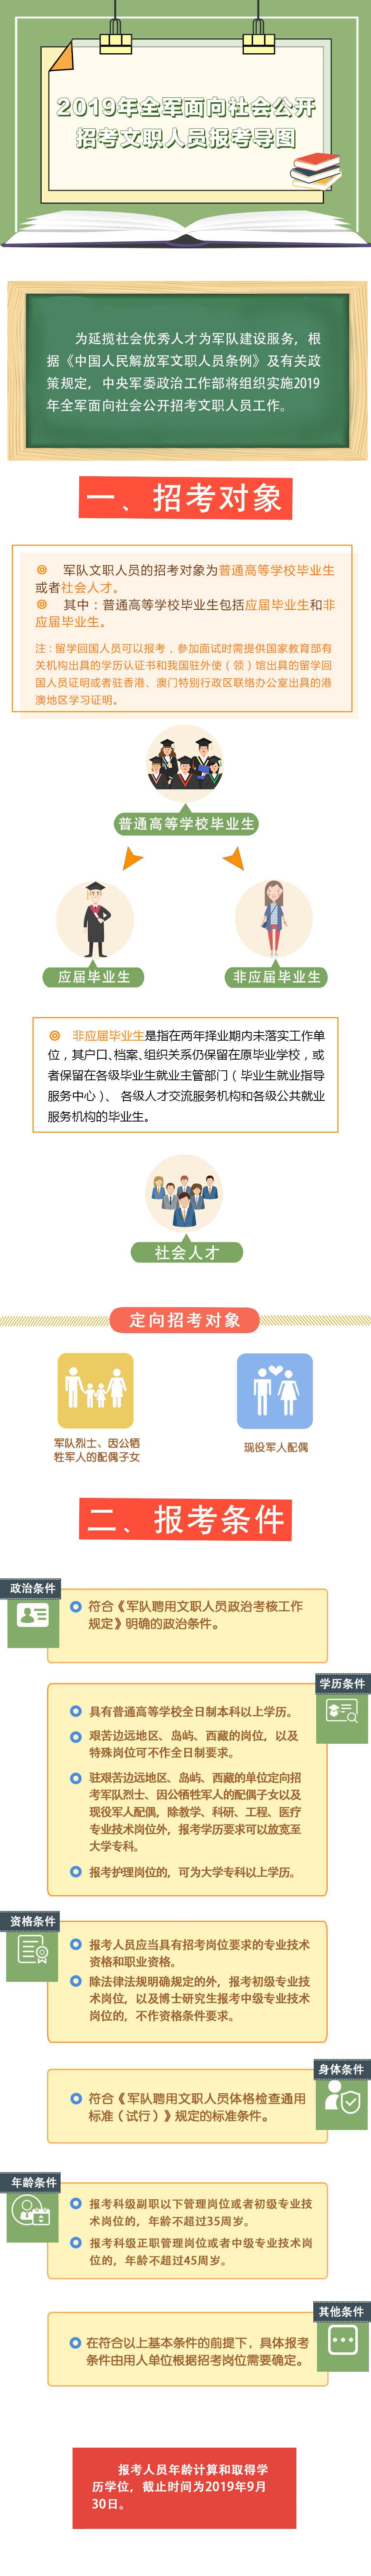 4-1-2019年全军面向社会公开招考文职人员报考导图.jpg?x-oss-process=style/w10